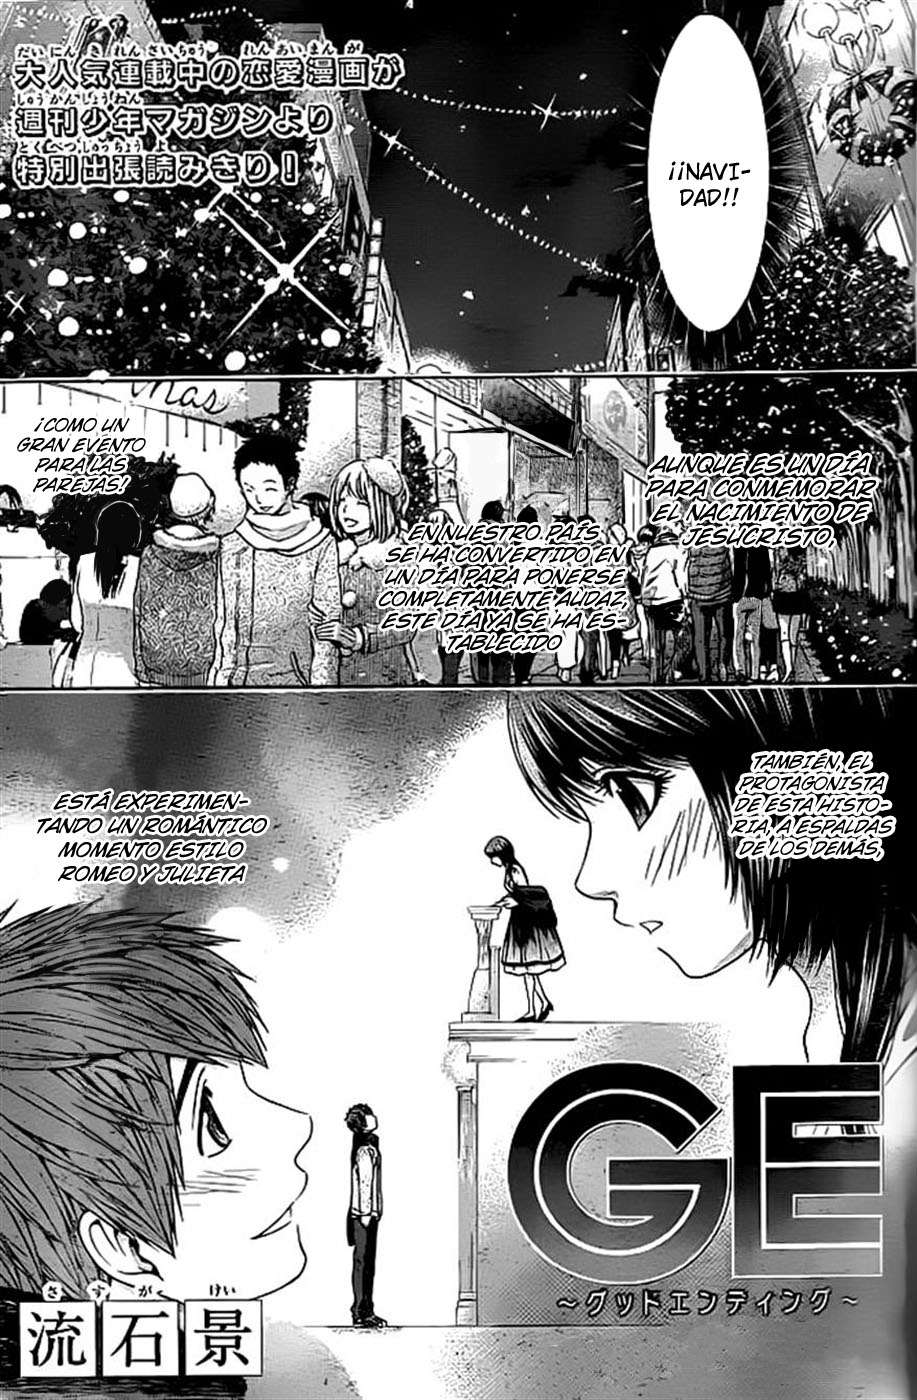 http://c5.ninemanga.com/es_manga/35/419/356717/eeb3b040d8d25cd782183ae757fdbfd0.jpg Page 3